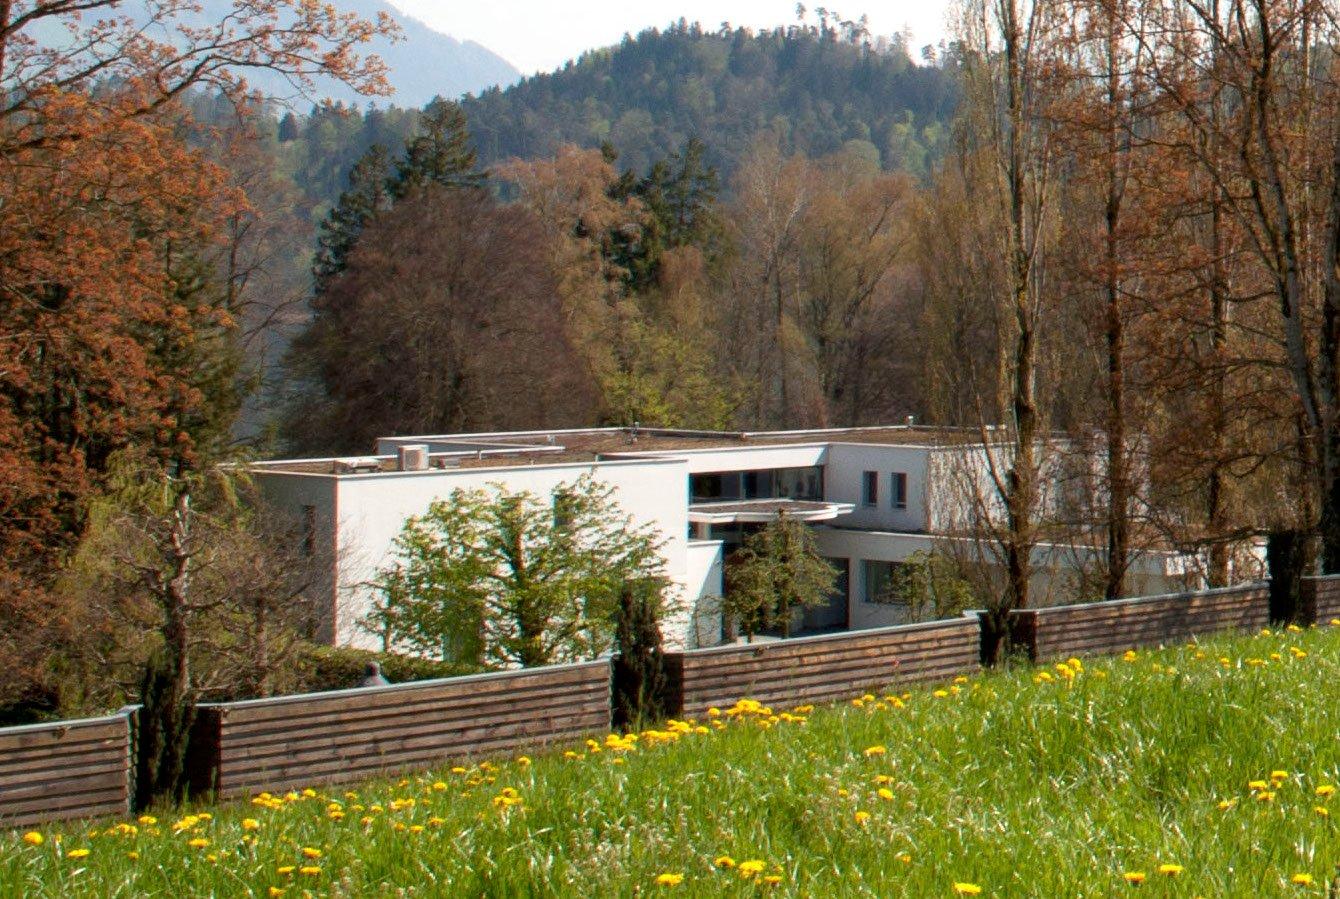 Daniel Vasellas Villa gleich neben dem Landgut Aabach, jetzt im Besitz seines Sohnes.